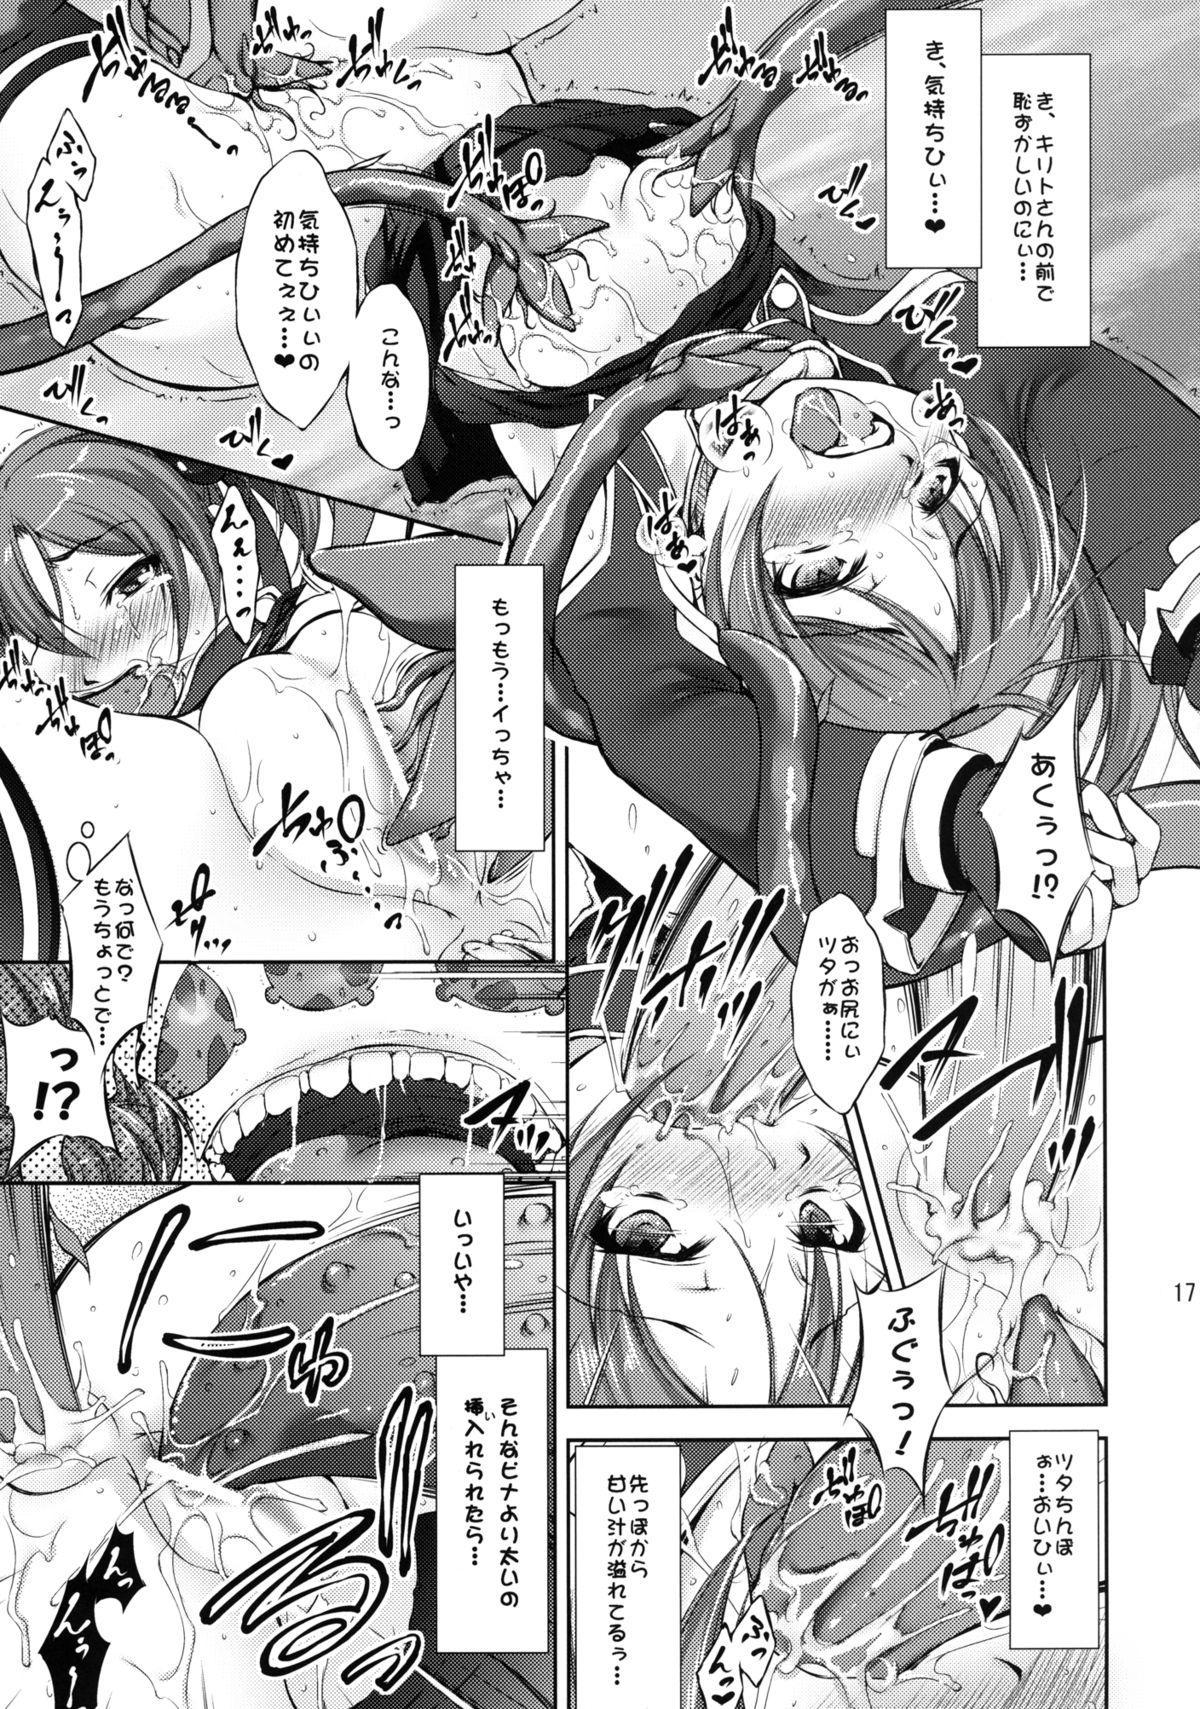 Silica no Asoko wo Okashimakuri! 16